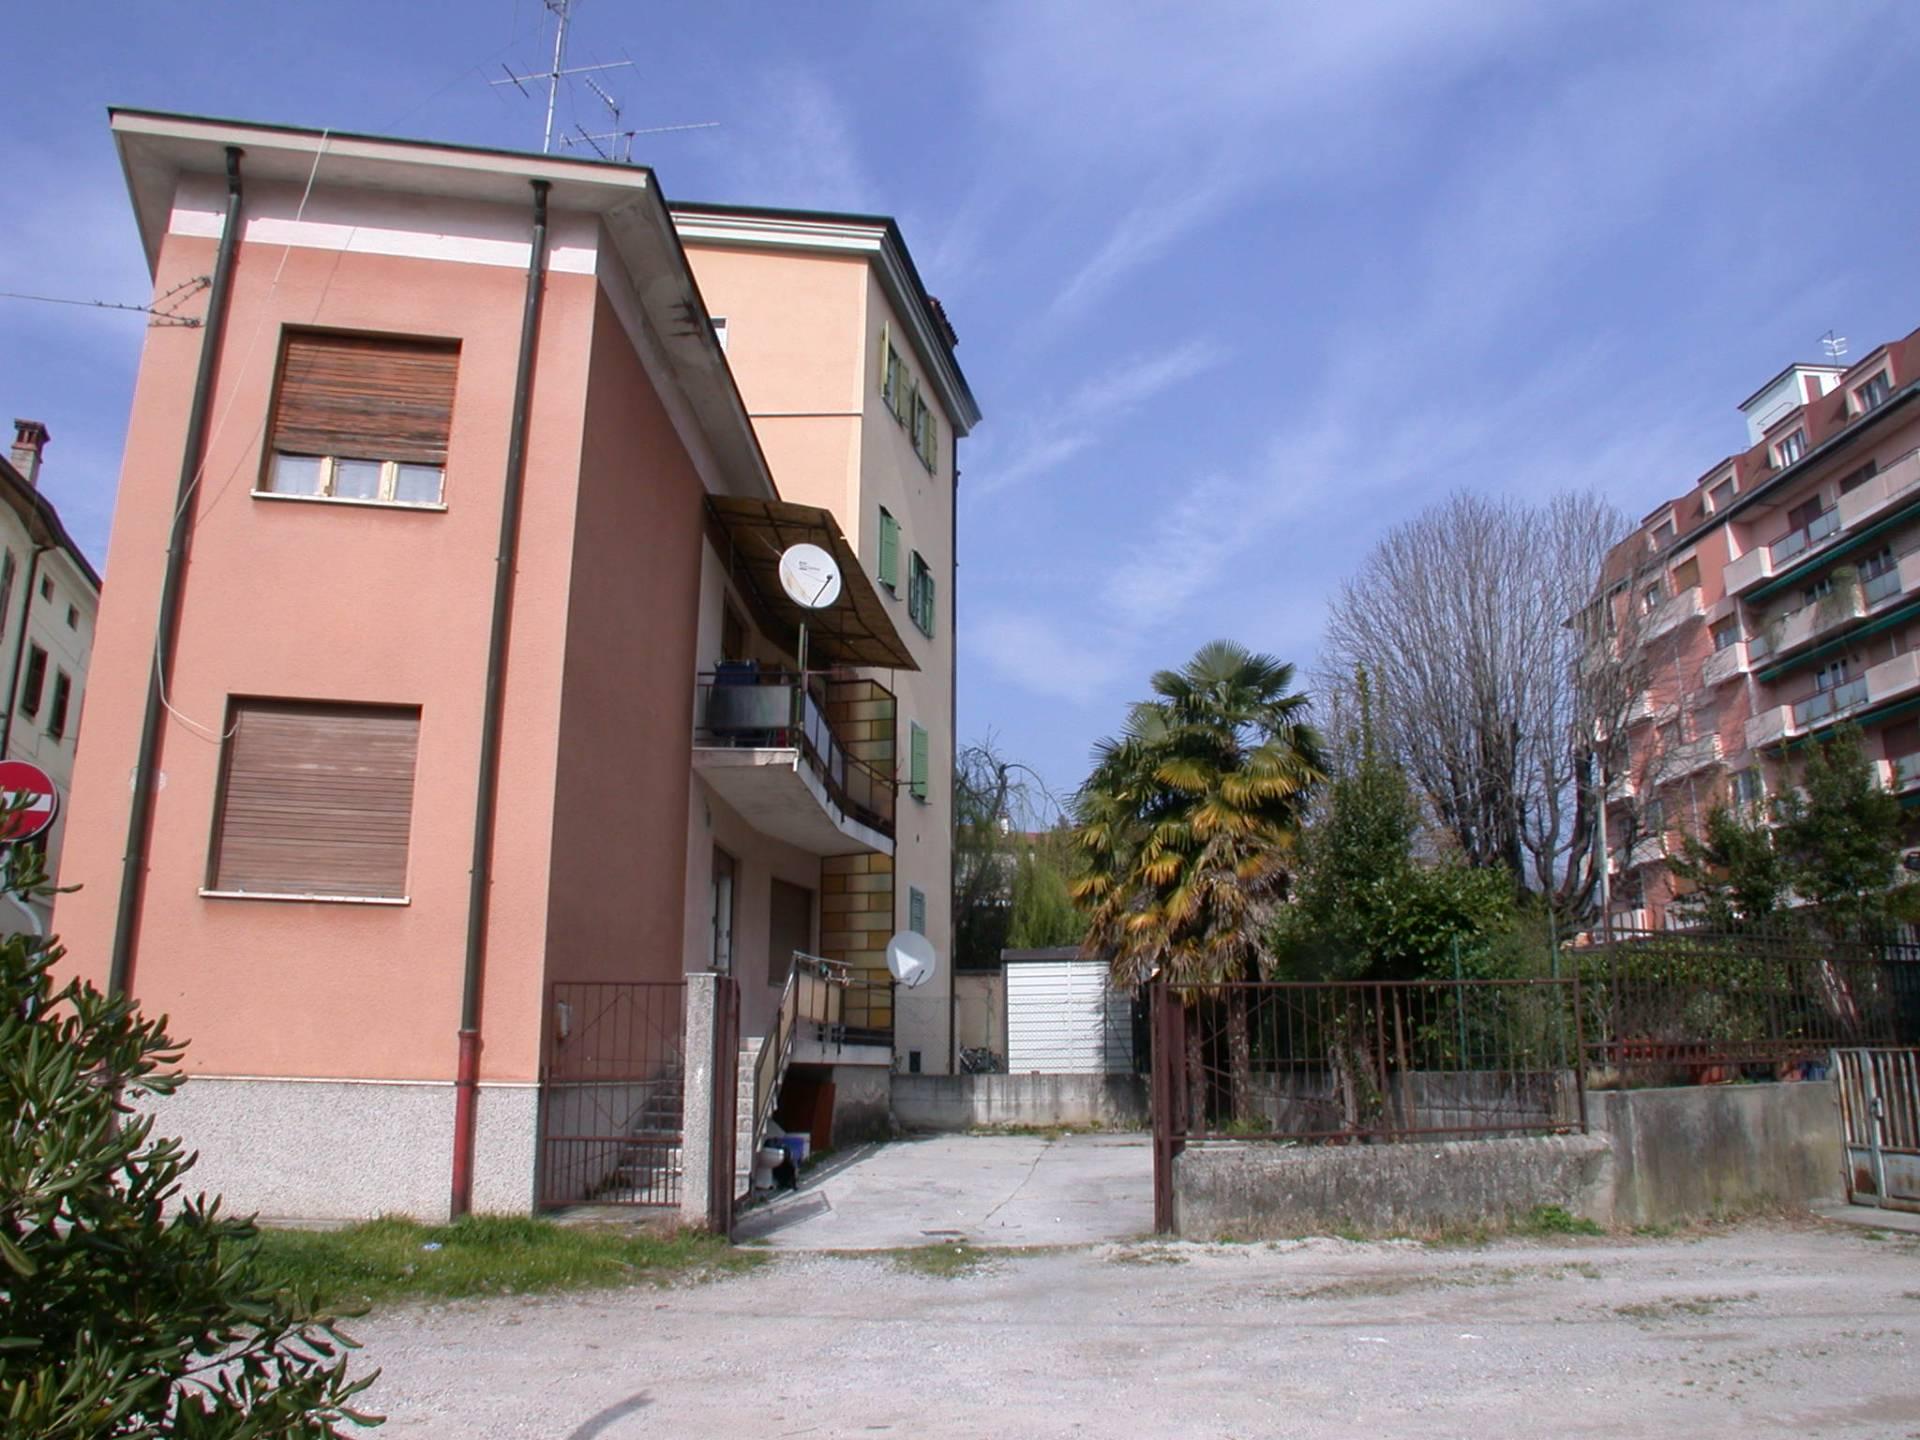 Appartamento in vendita a Gorizia, 4 locali, zona Località: Centrostorico, prezzo € 95.000 | CambioCasa.it